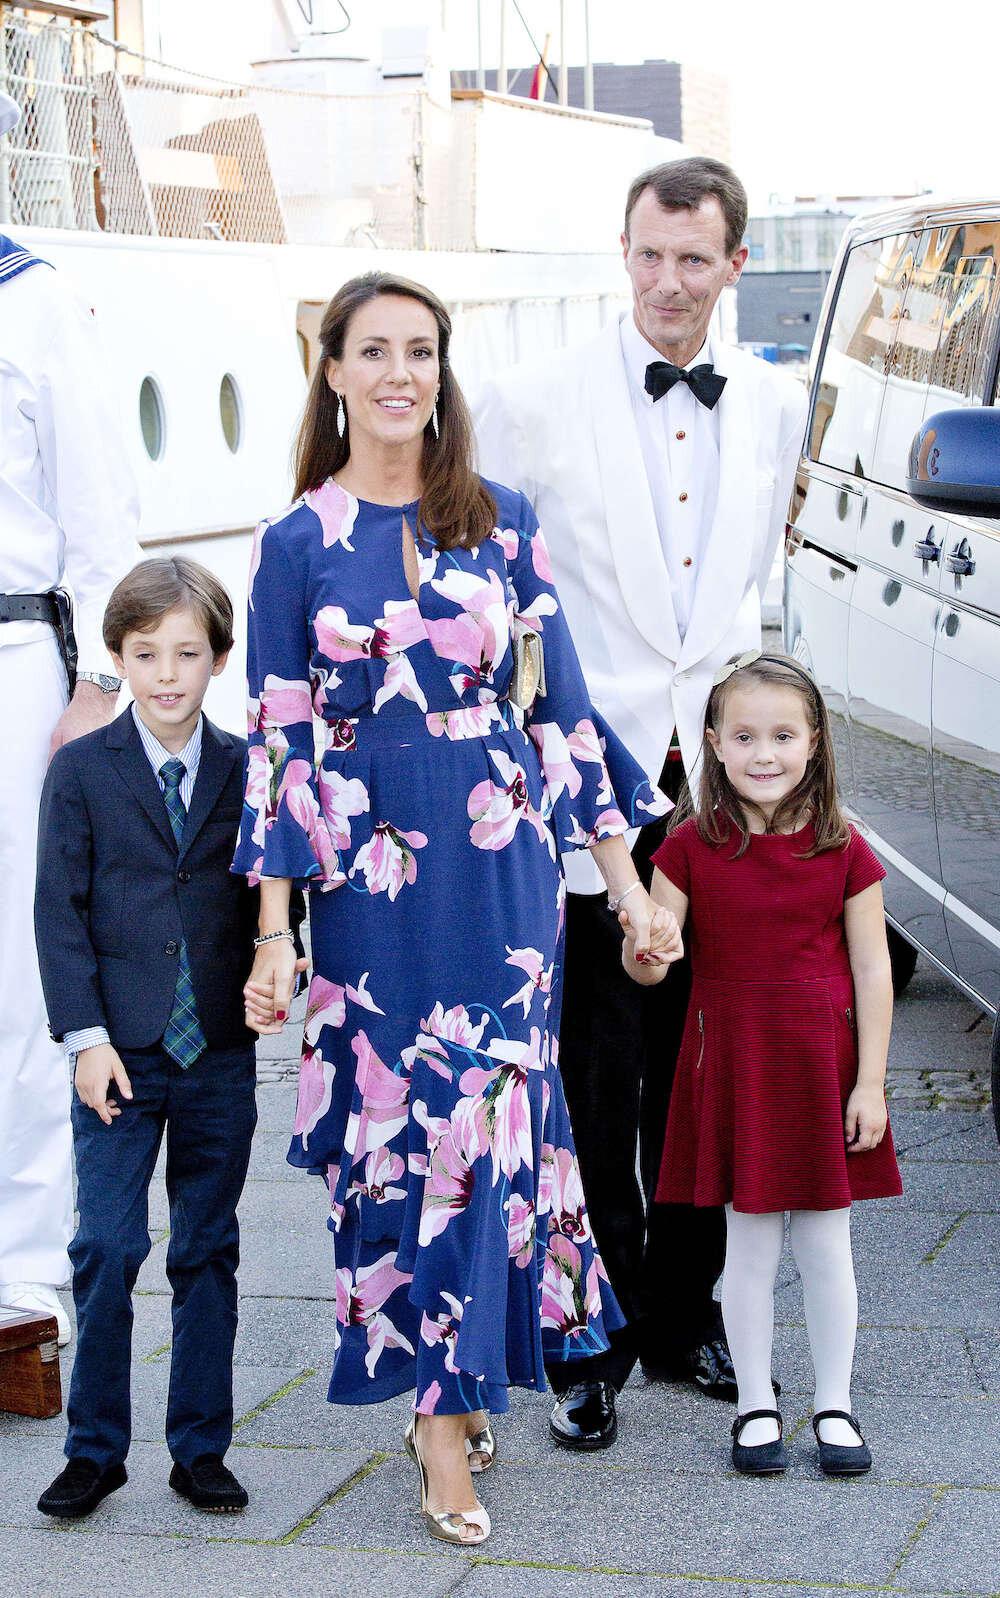 Prinz Joachim mit seiner zweiten Ehefrau Prinzessin Marie und den gemeinsamen Kindern Henrik und Athena.  © dpa